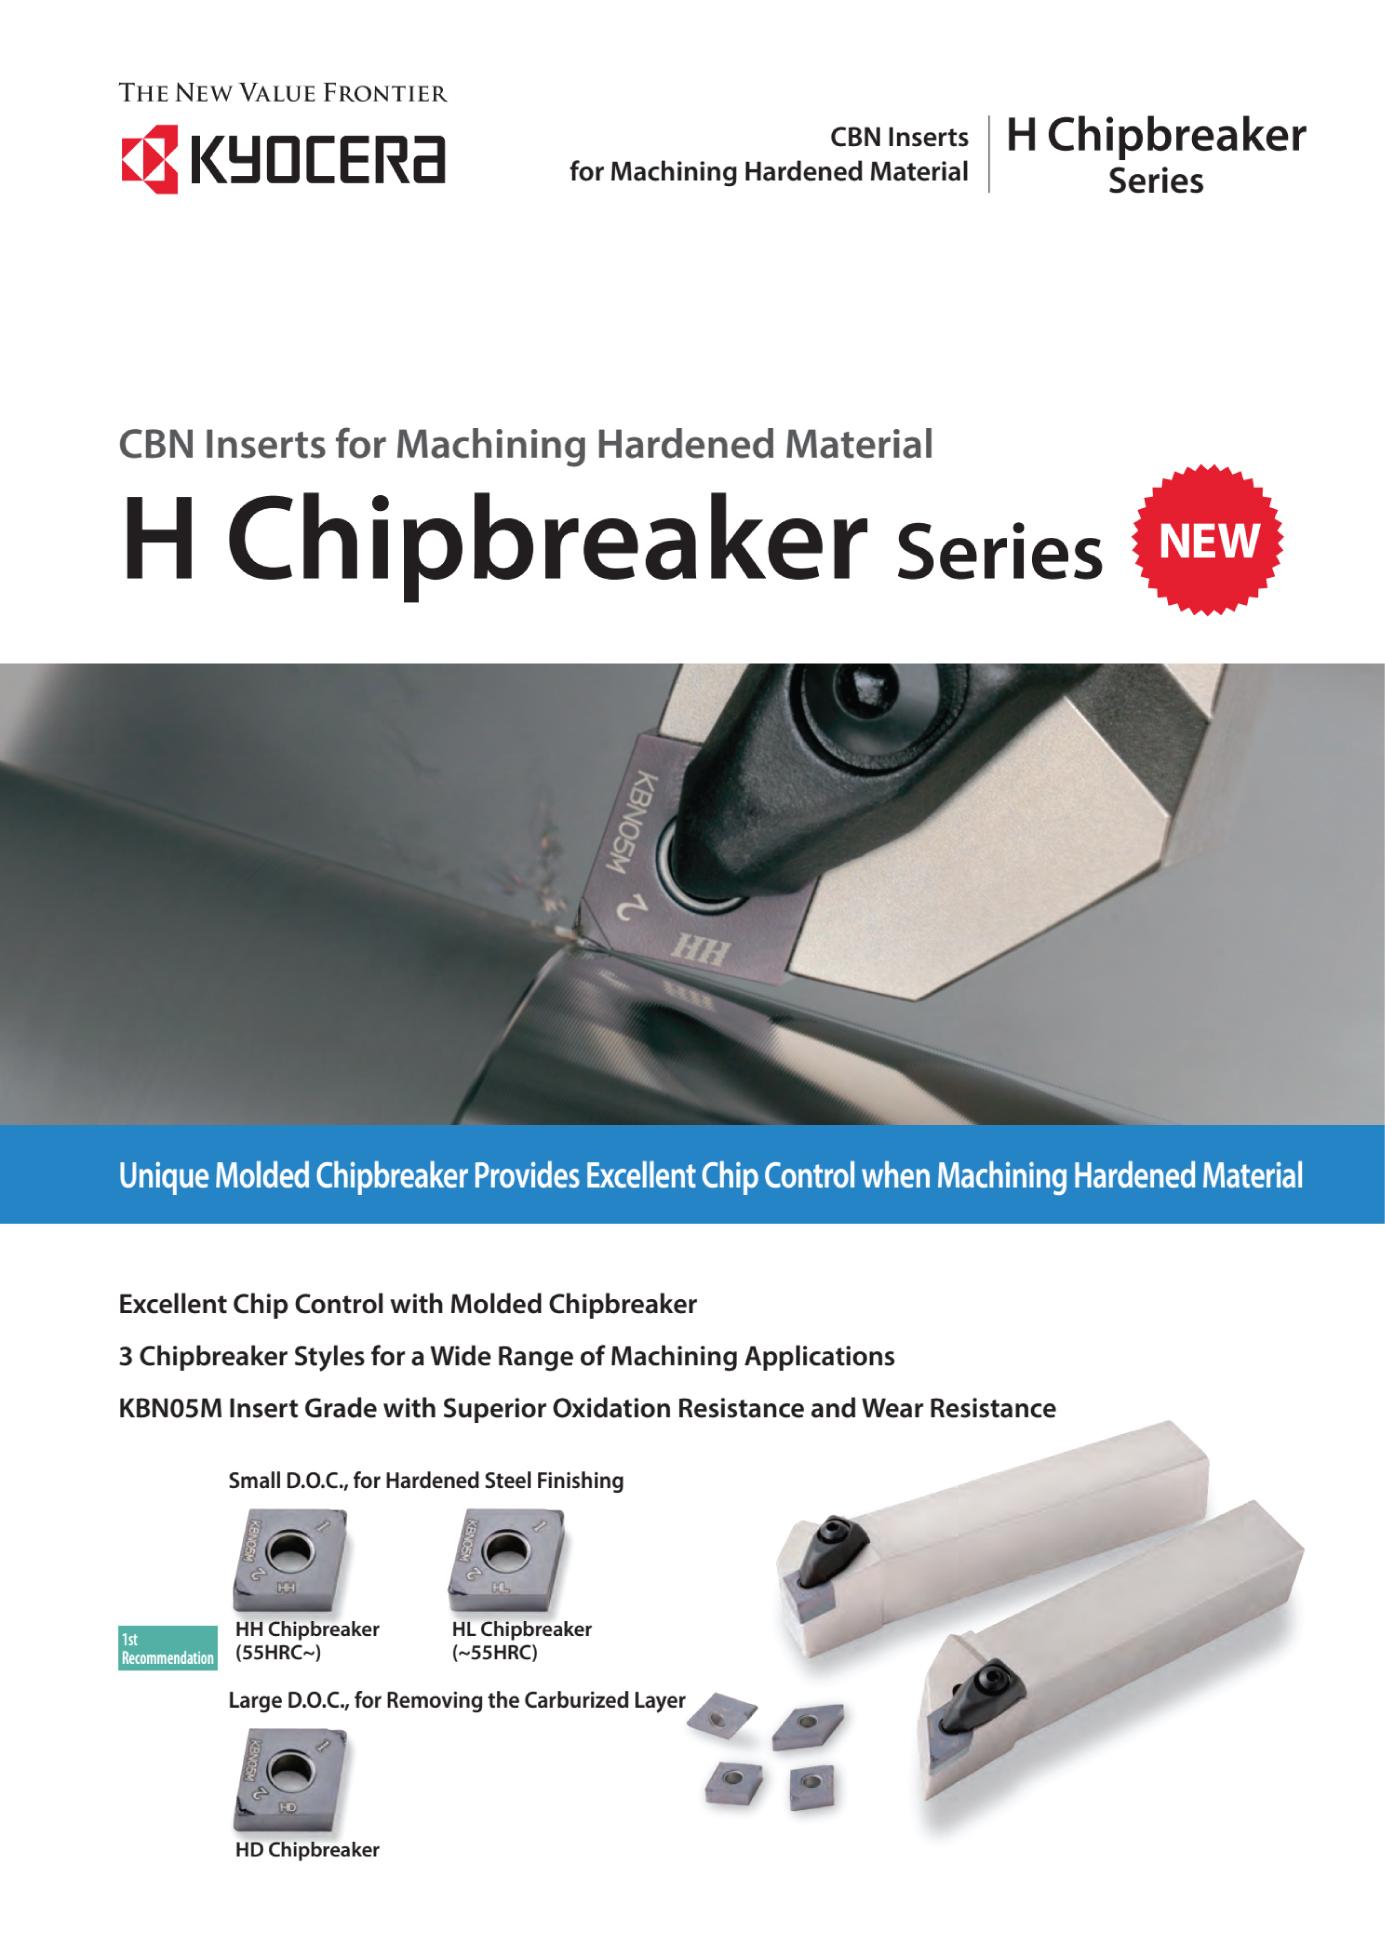 Insert Tiện CBN Kyocera - H Chipbreaker Series Chuyên Gia Công Thép Sau Nhiệt